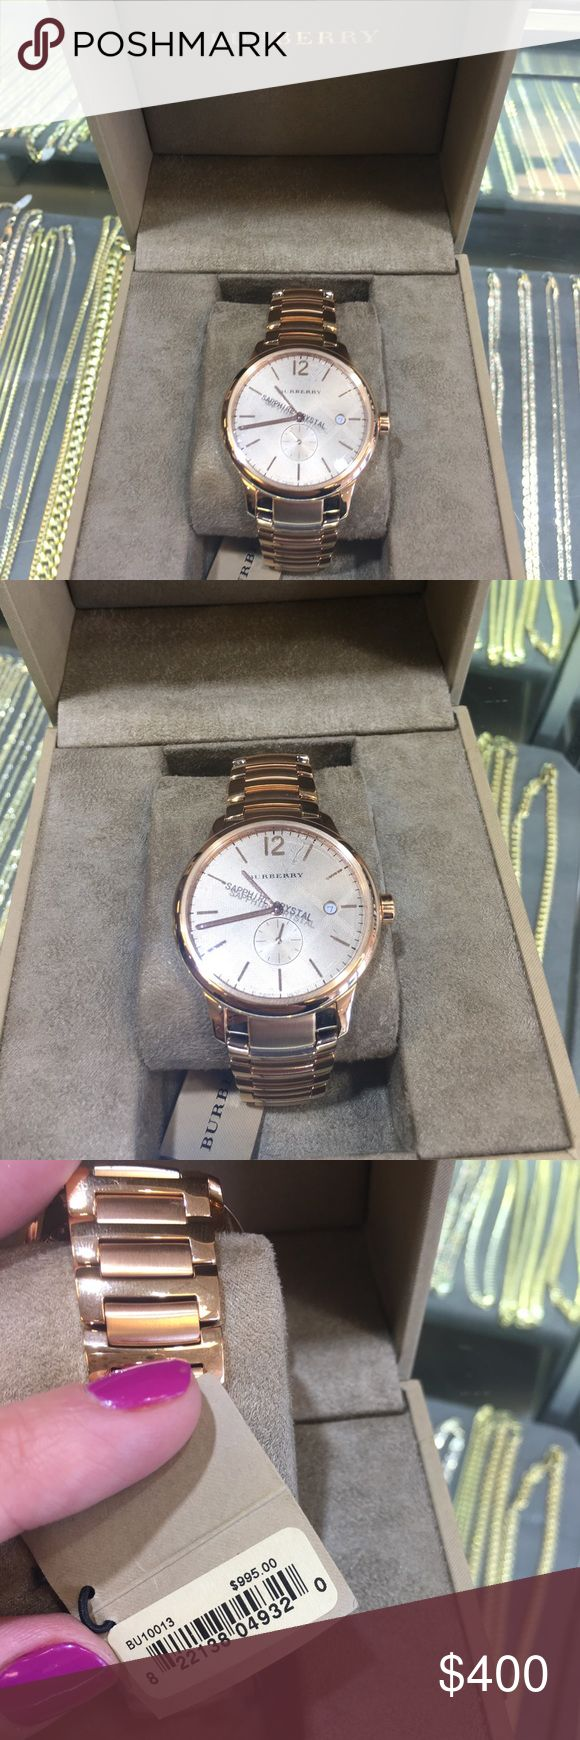 Burberry Men's Watch NEW IN BOX Burberry Men's Watch NEW IN BOX Burberry Accessories Watches